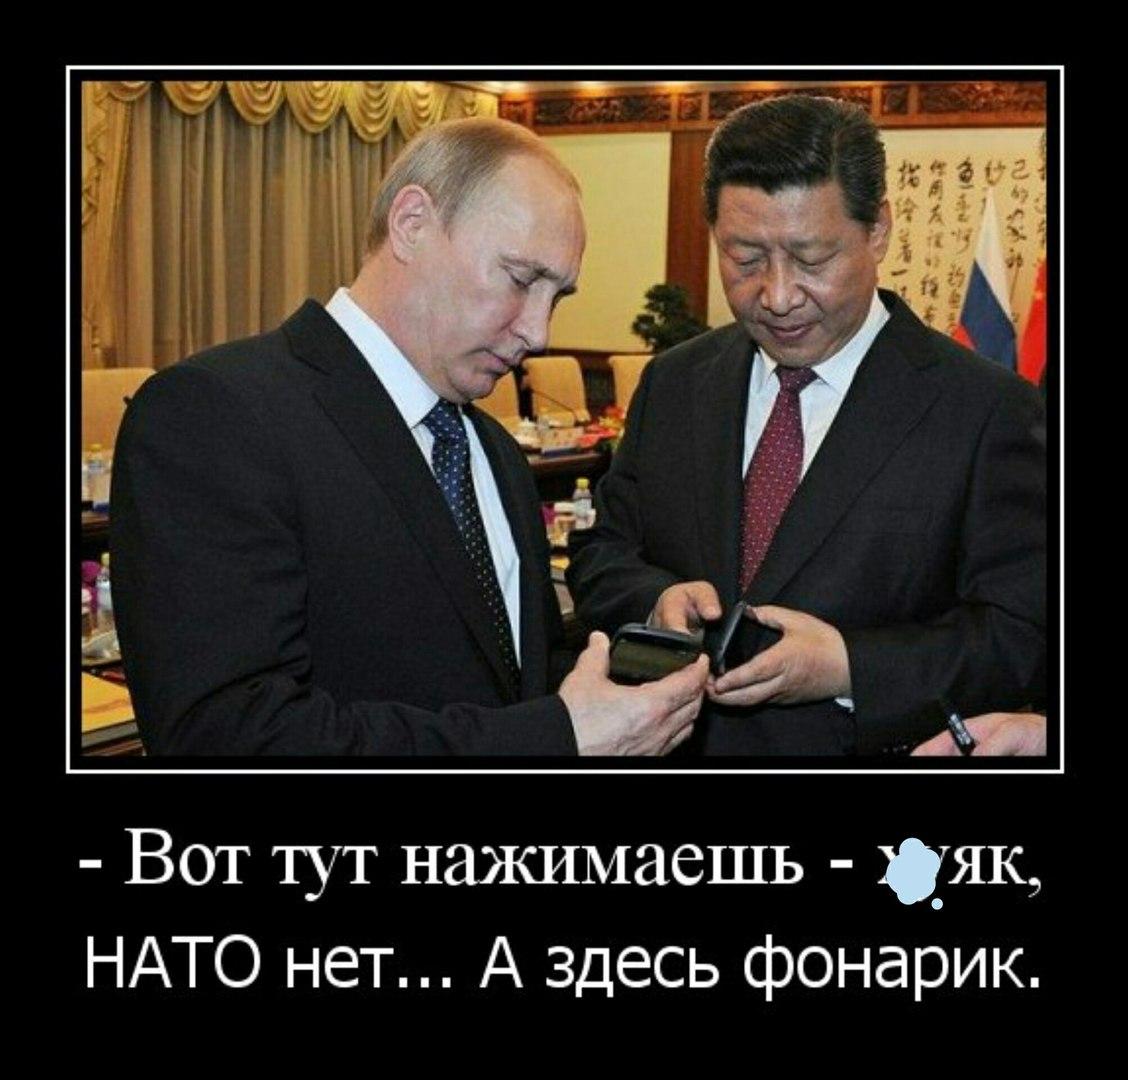 https://pp.userapi.com/c844724/v844724066/6570d/qenzmT_ktkQ.jpg